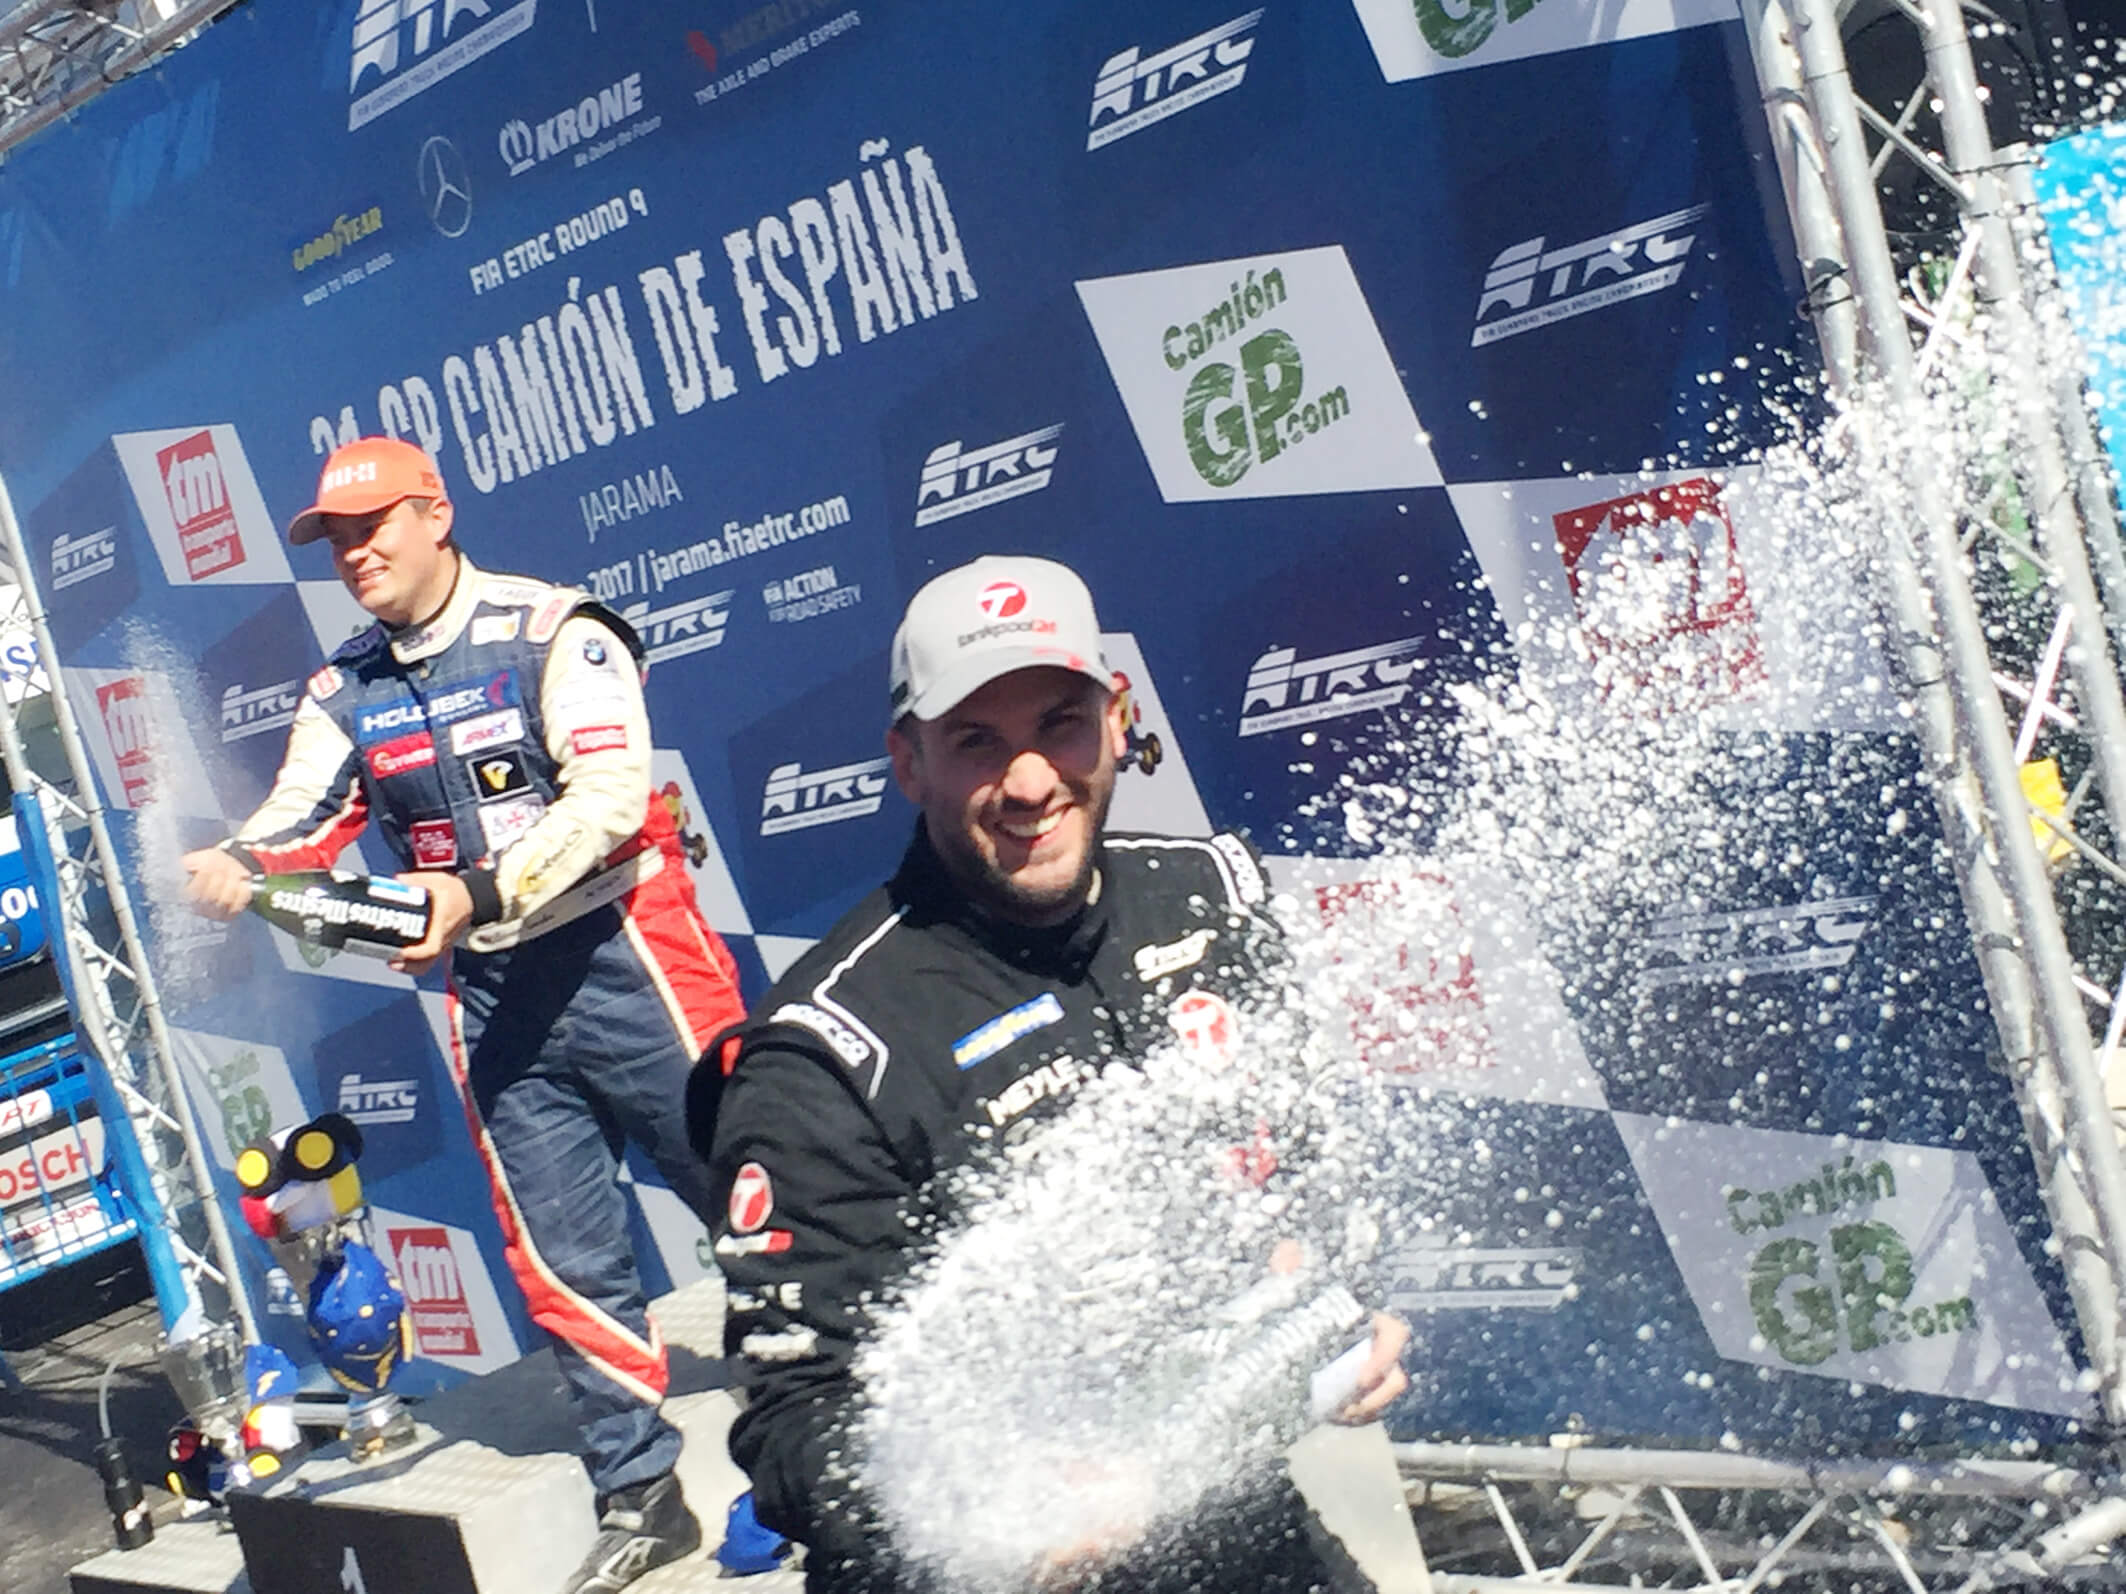 Kiss Dritter in der Gesamtwertung, Kursim Zweiter im Promoter's Cup – erfolgreicher Saisonabschluss für tankpool24 Racing Team